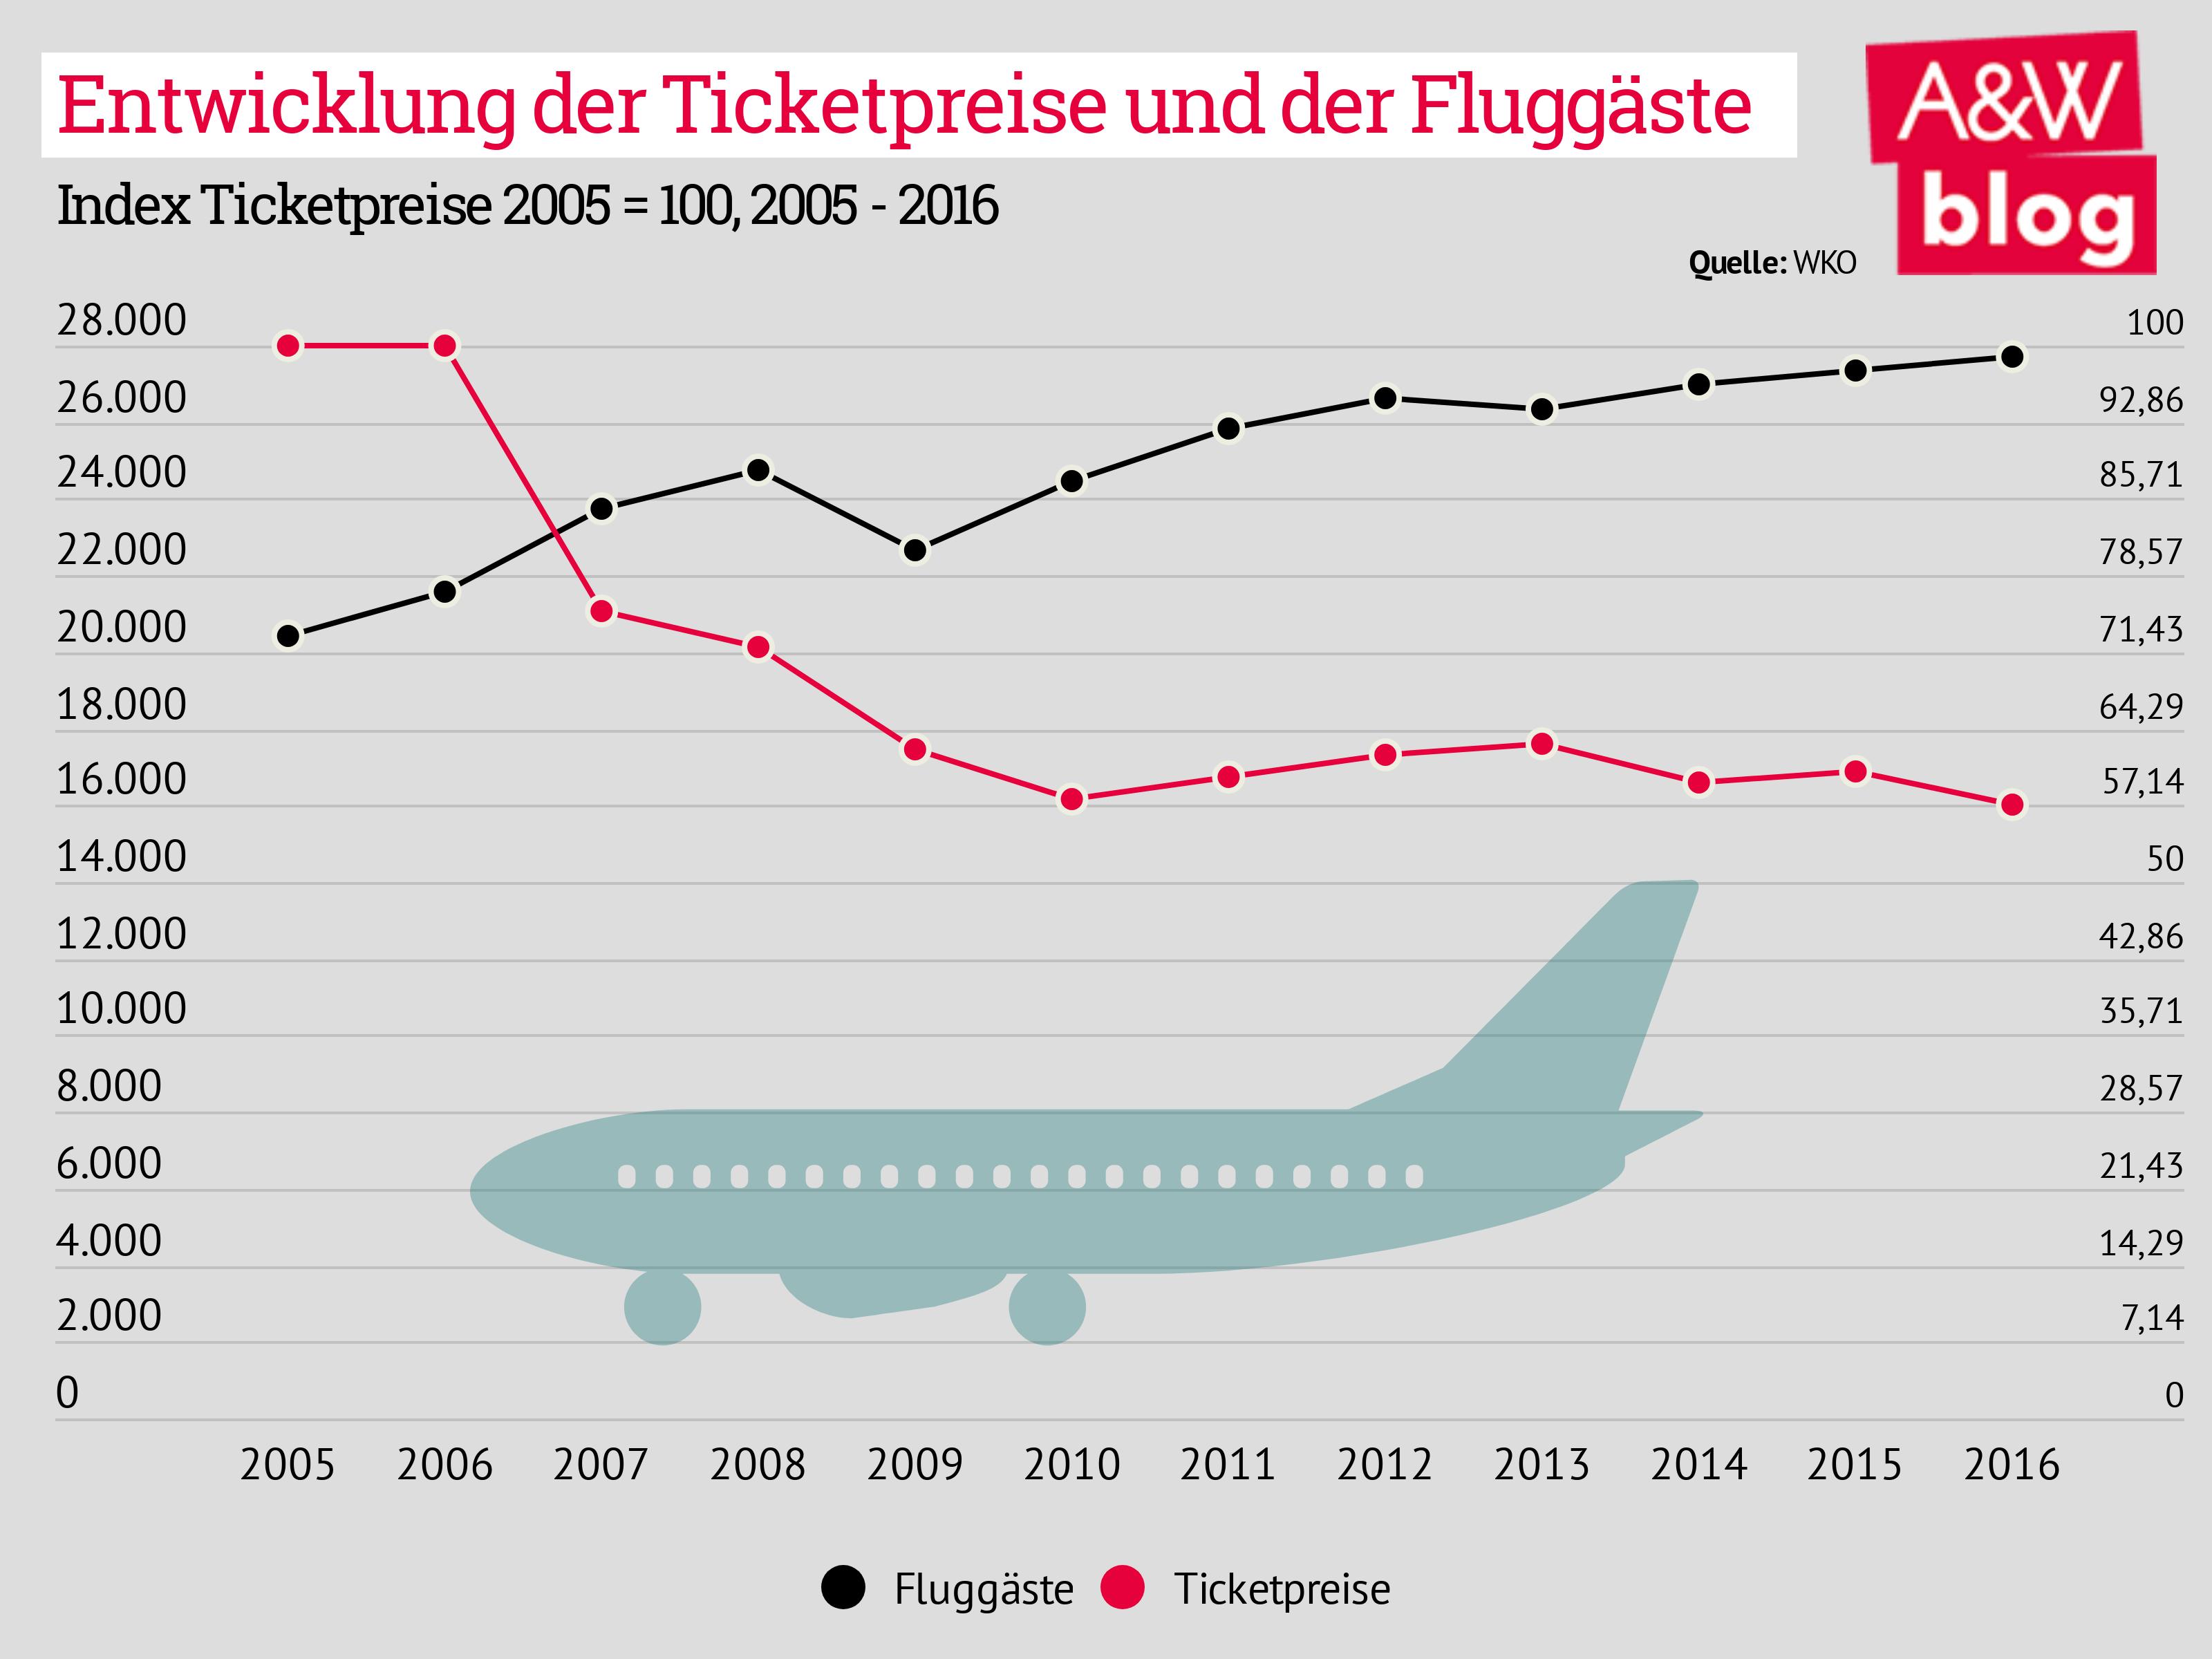 Entwicklung der Ticketpreise und der Fluggäste